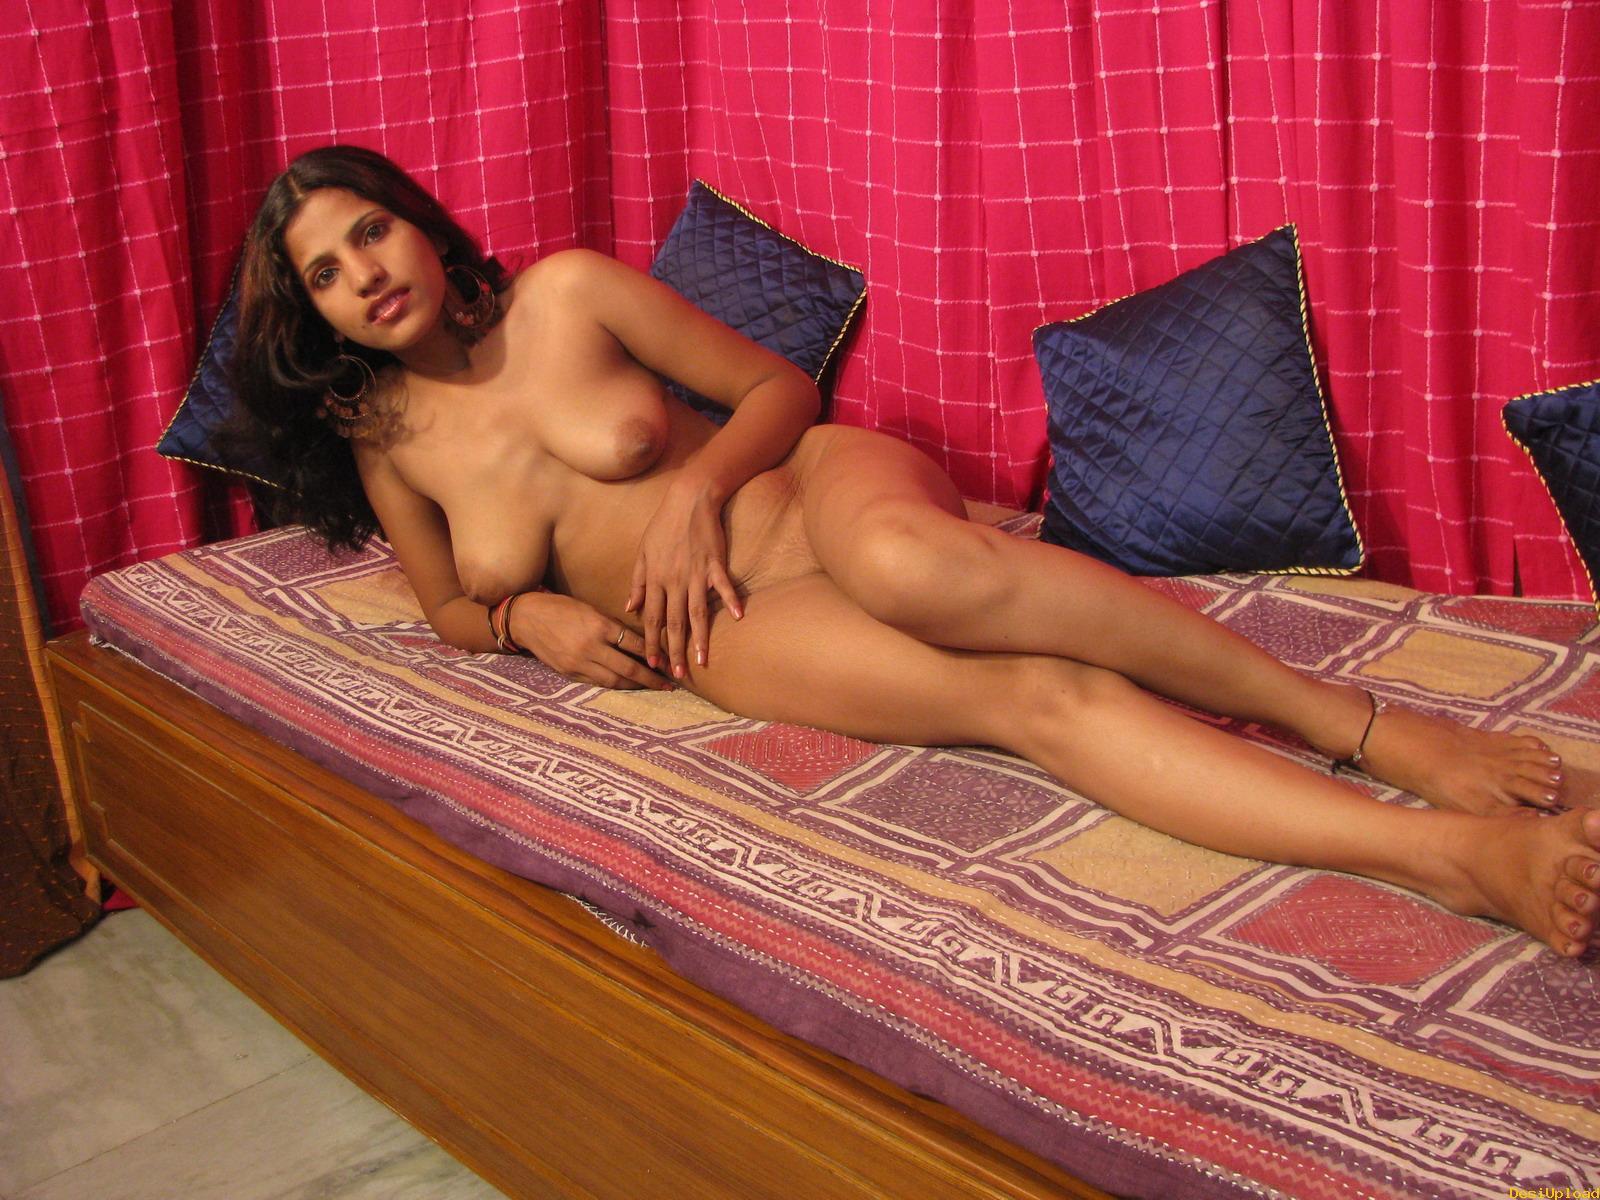 nude windsor ontario girl